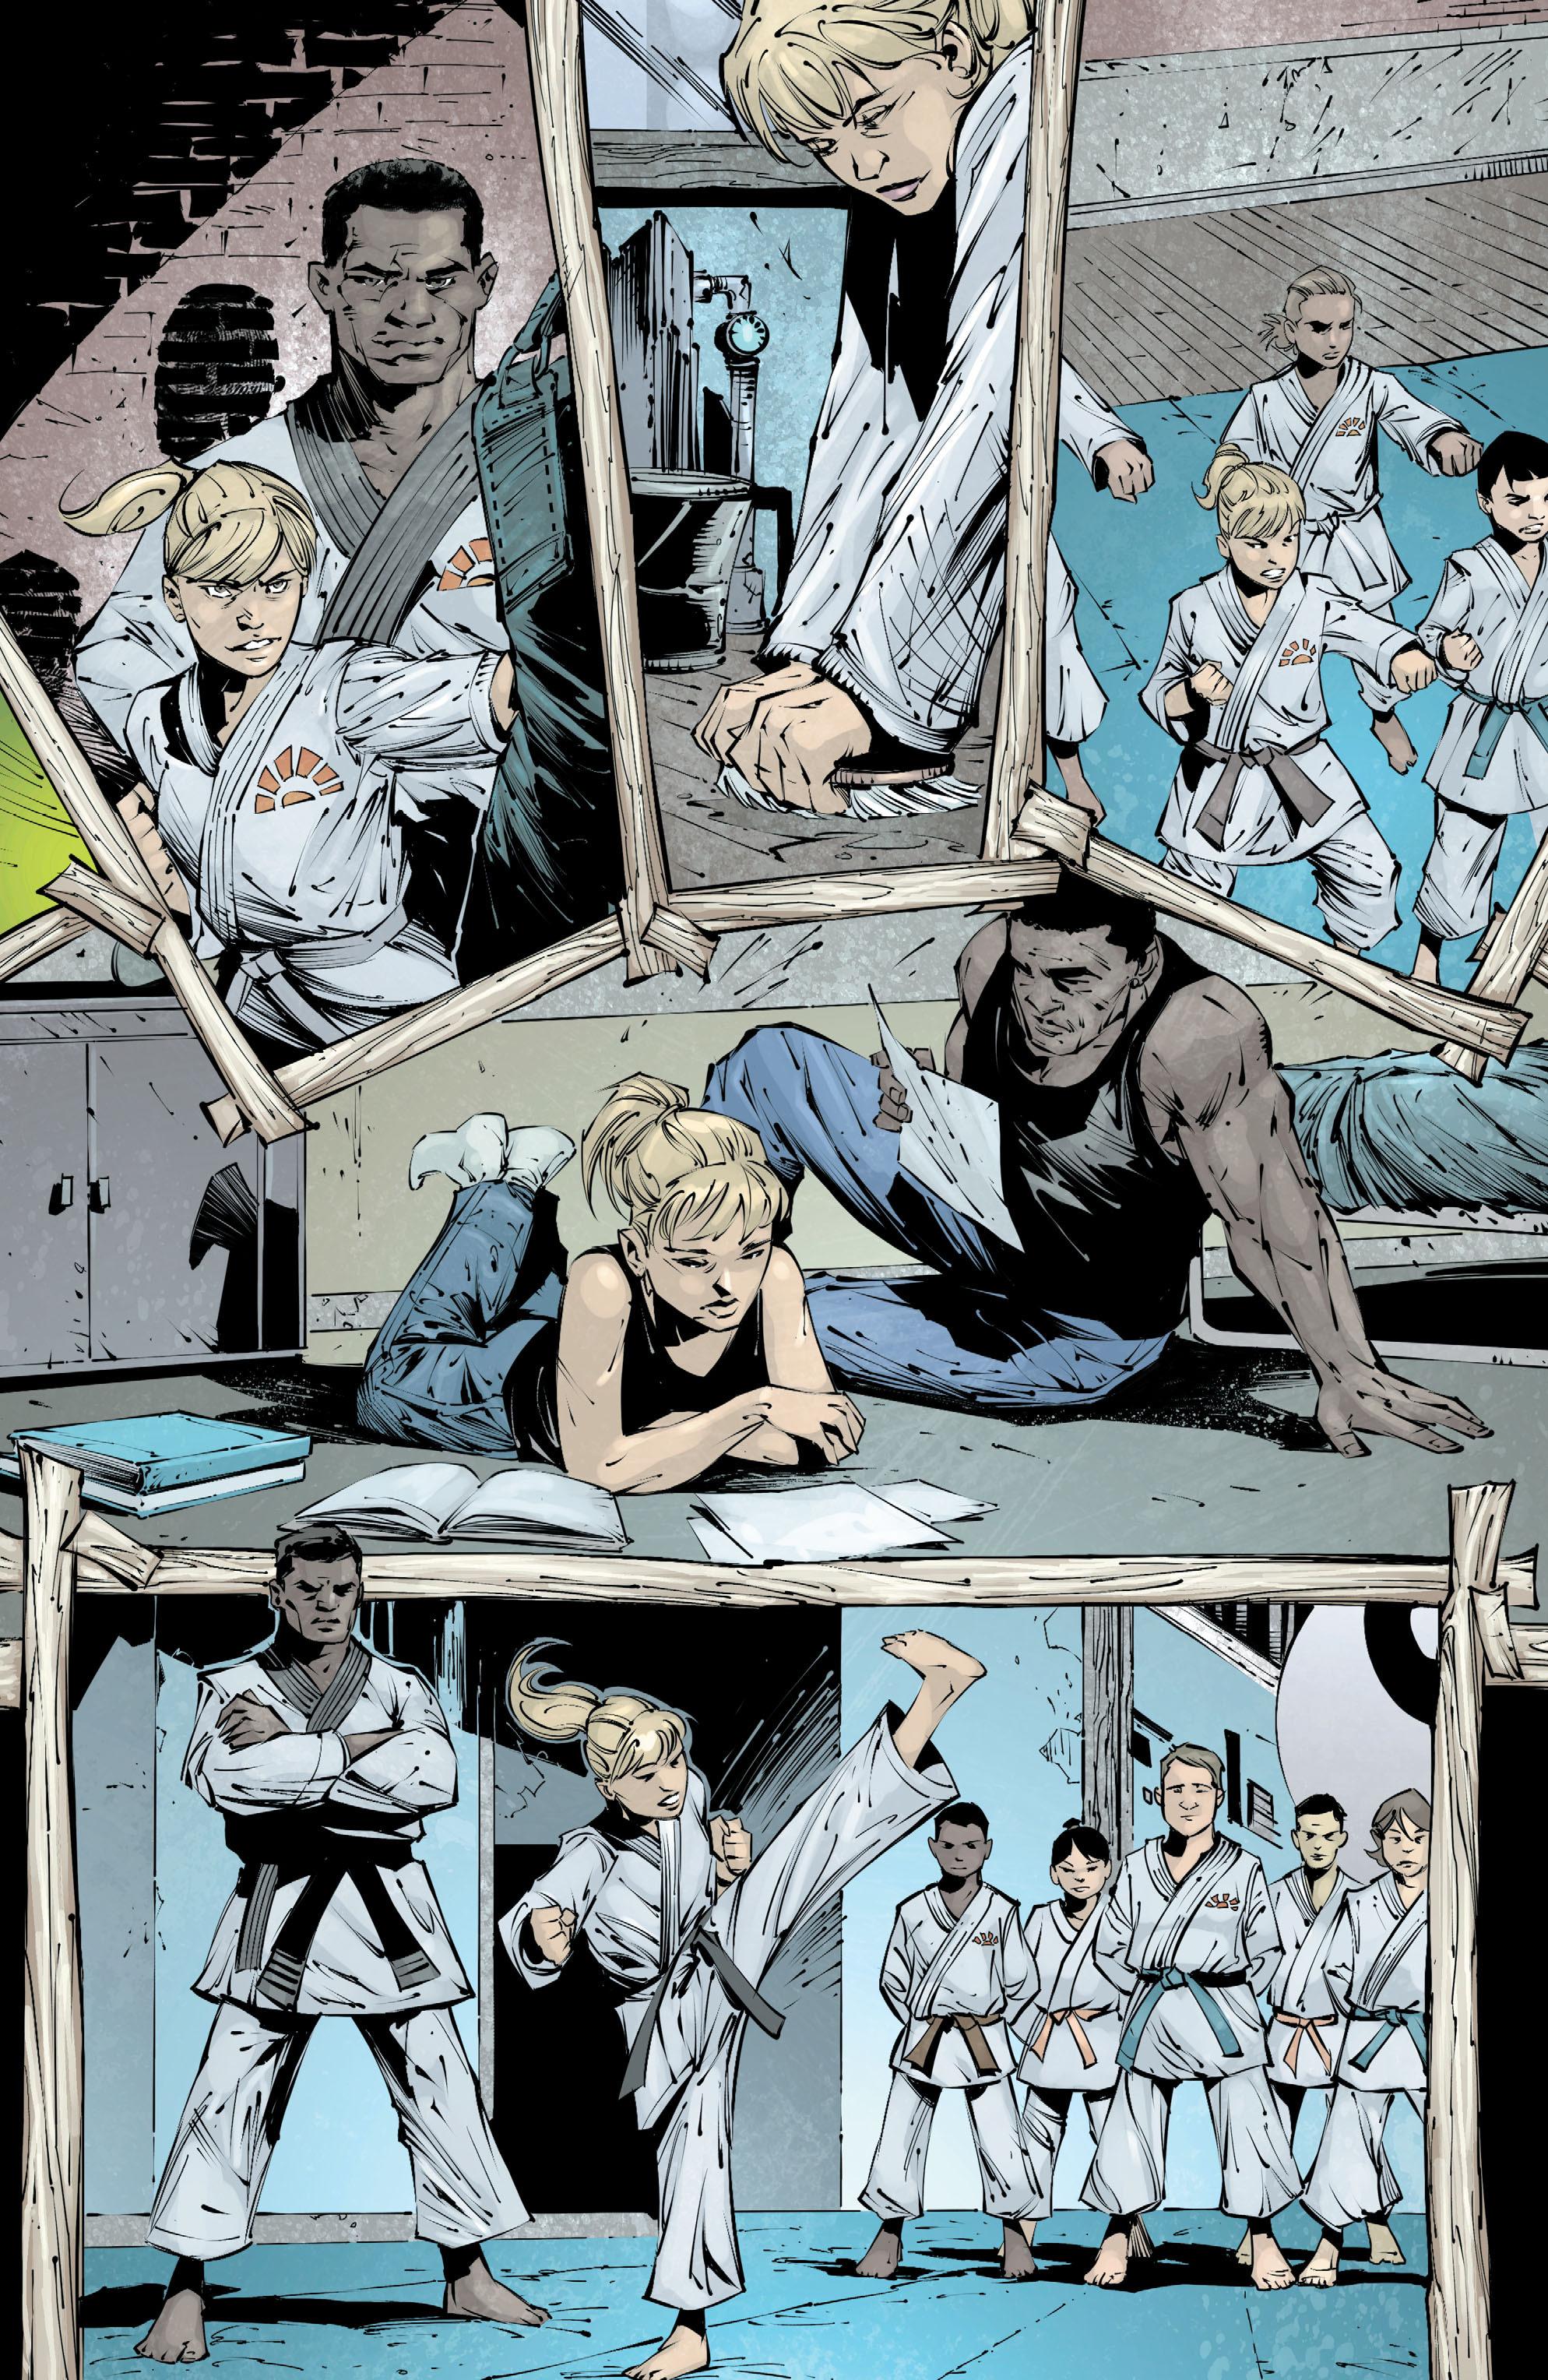 DC Comics: Zero Year chap tpb pic 183